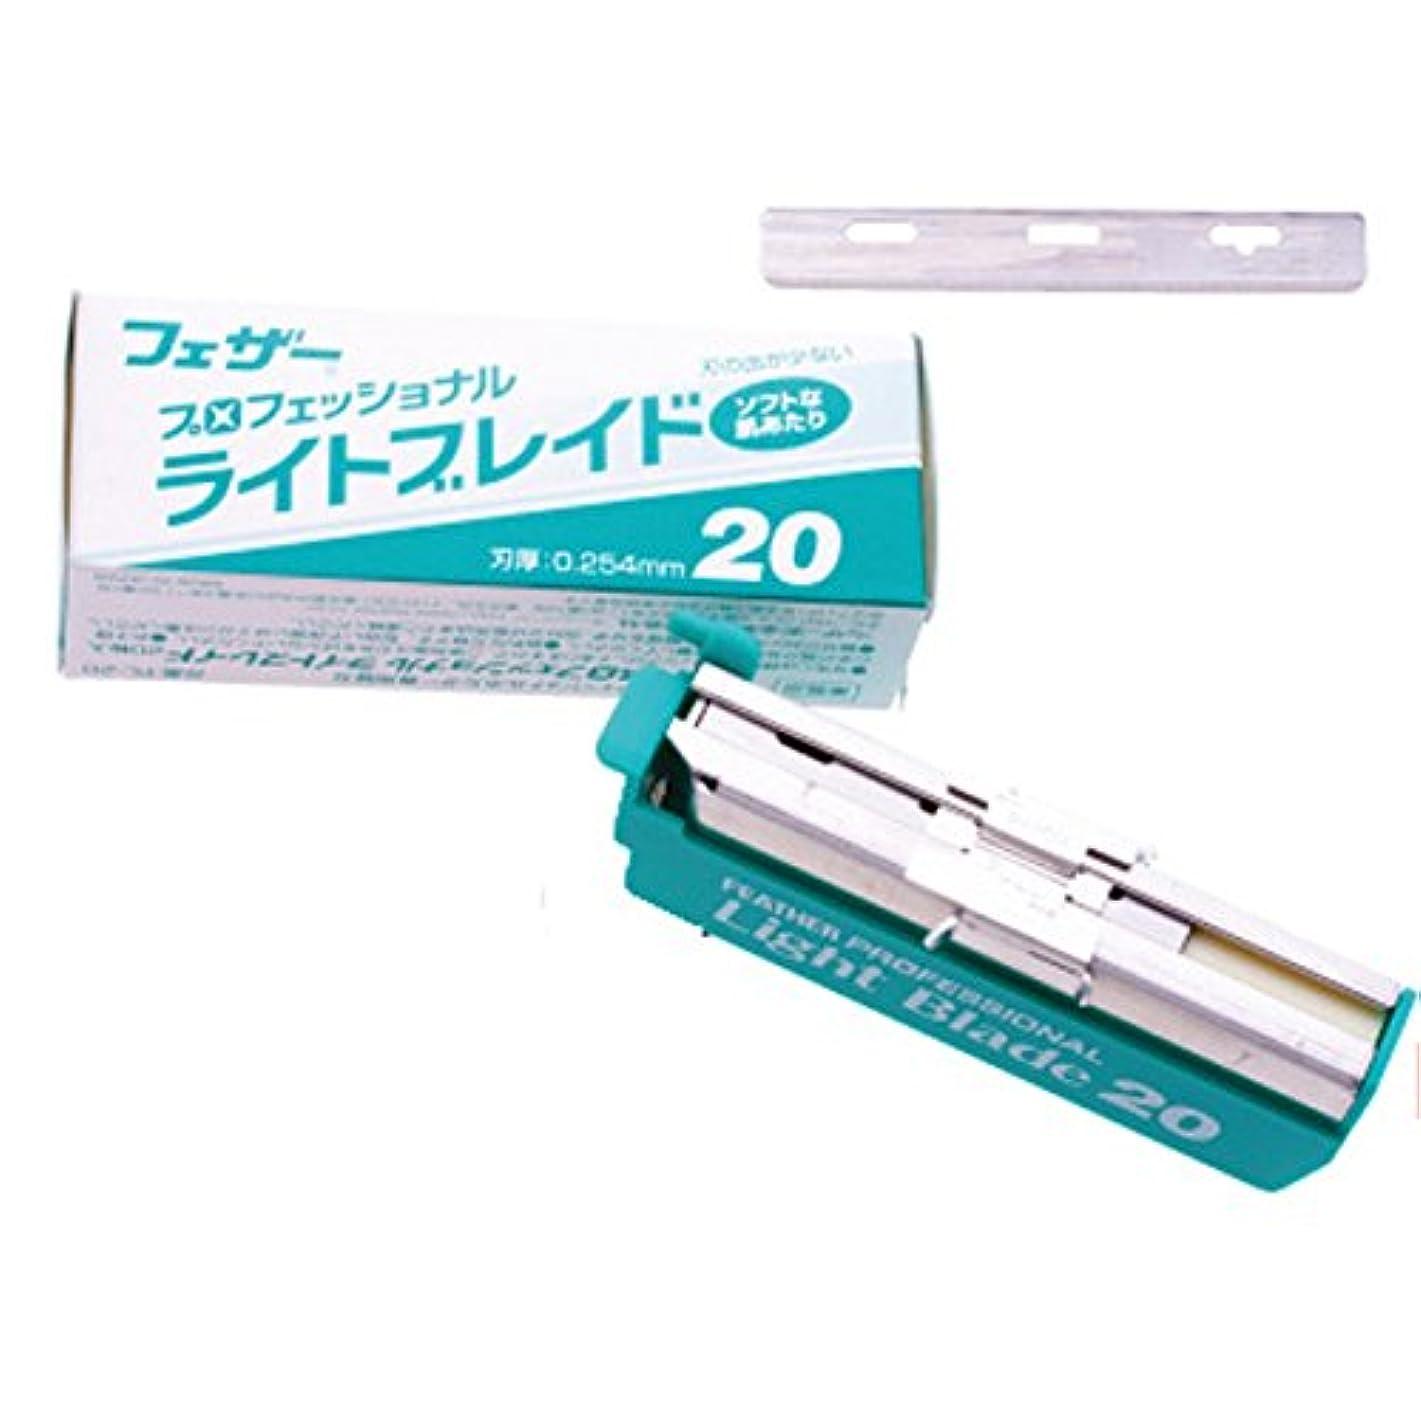 潤滑する心配に対して【5個パック】フェザープロフェッショナルブレイド ライトブレイド 20枚入 (刃厚0.254mm)